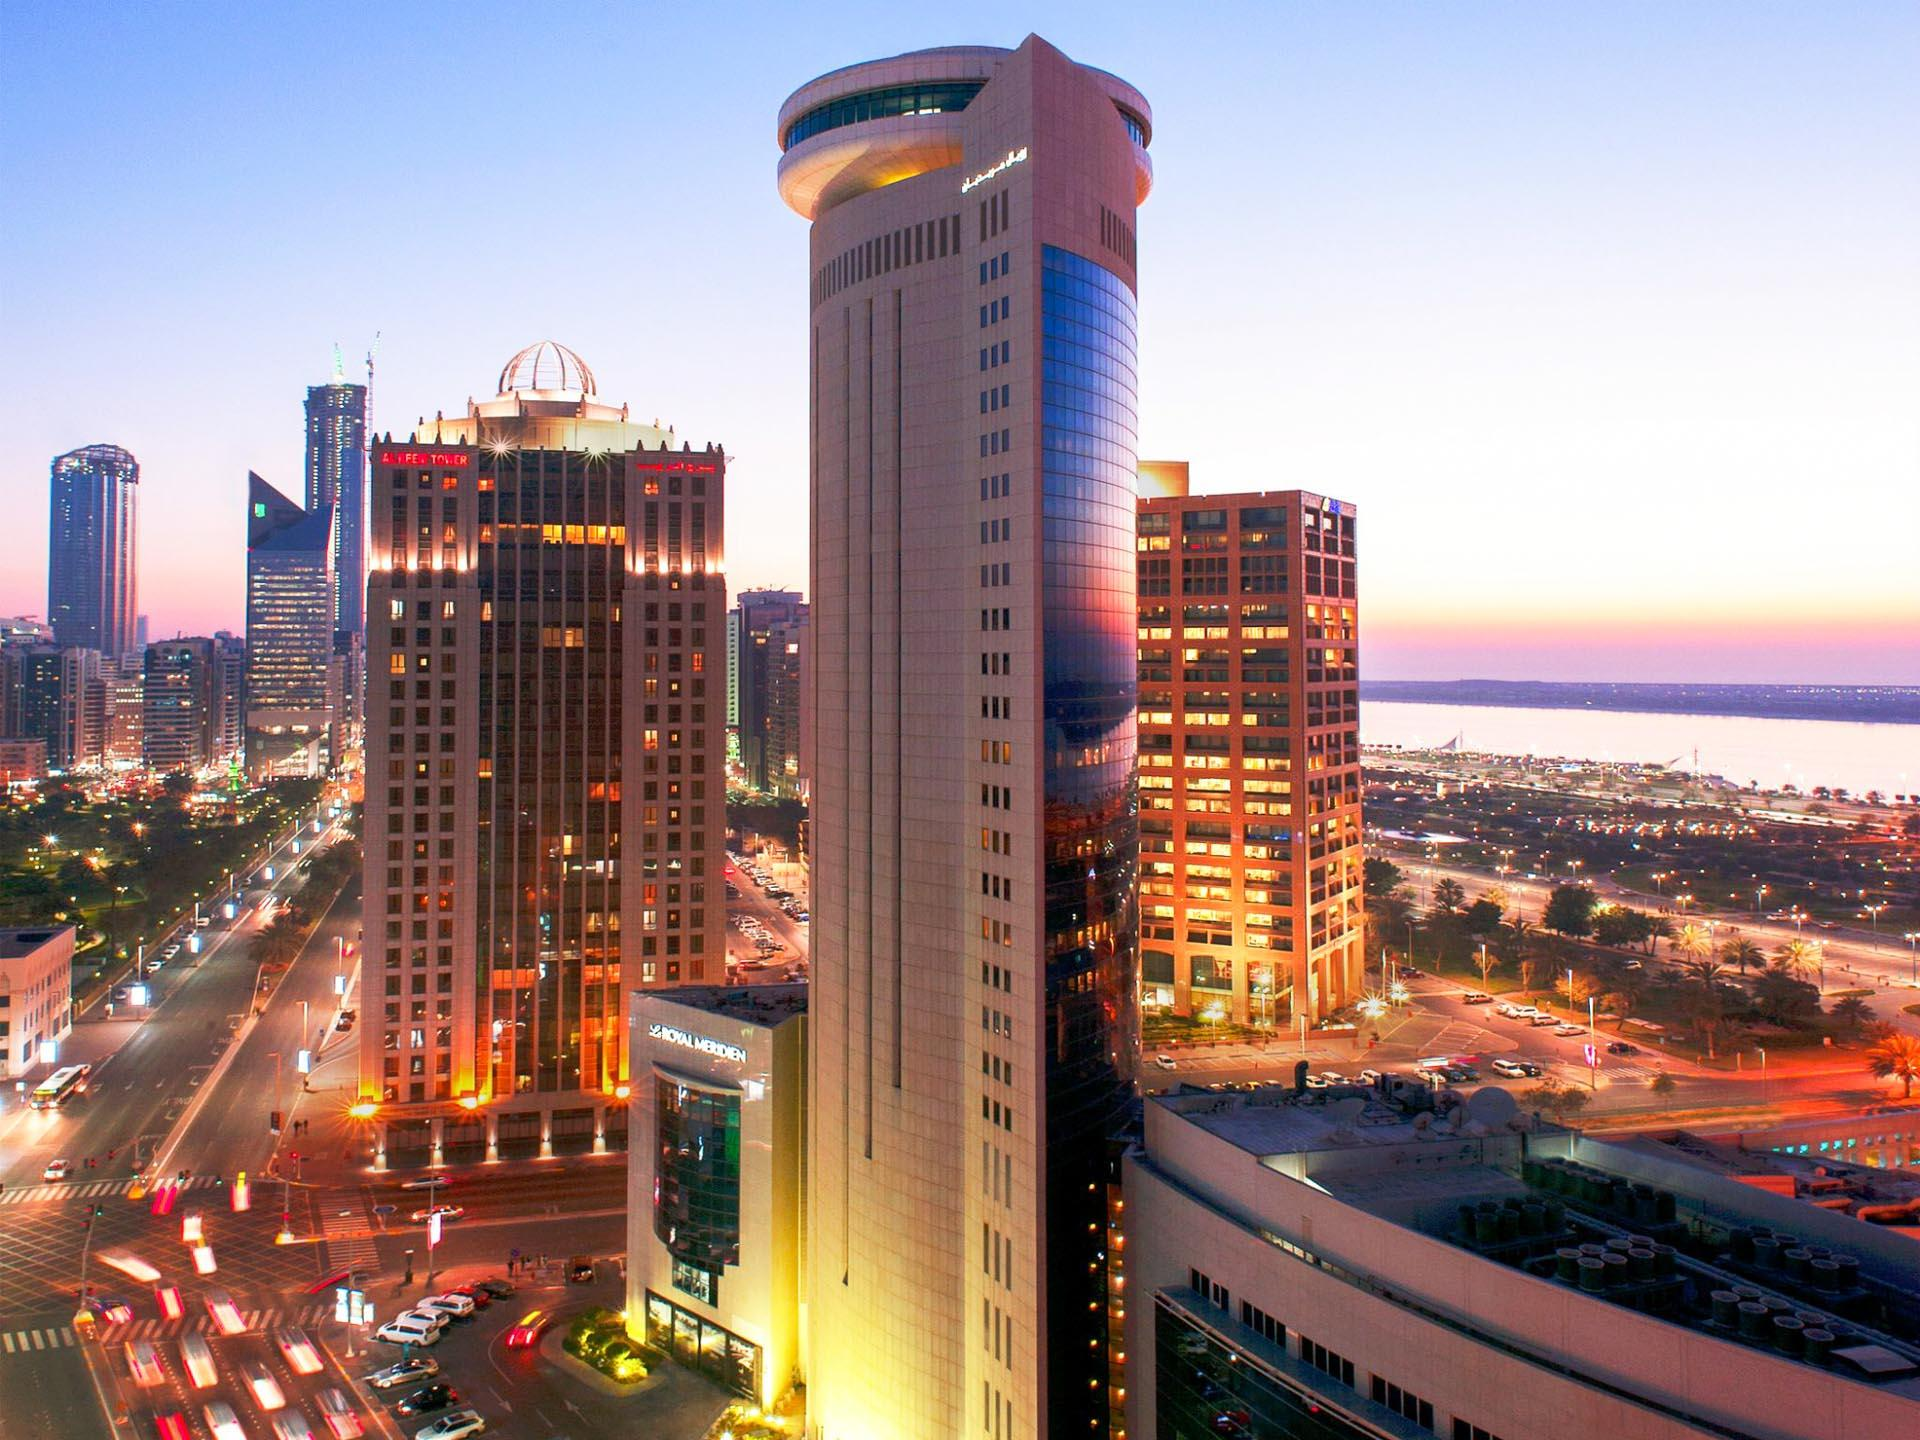 Vol Hotel Abu Dhabi